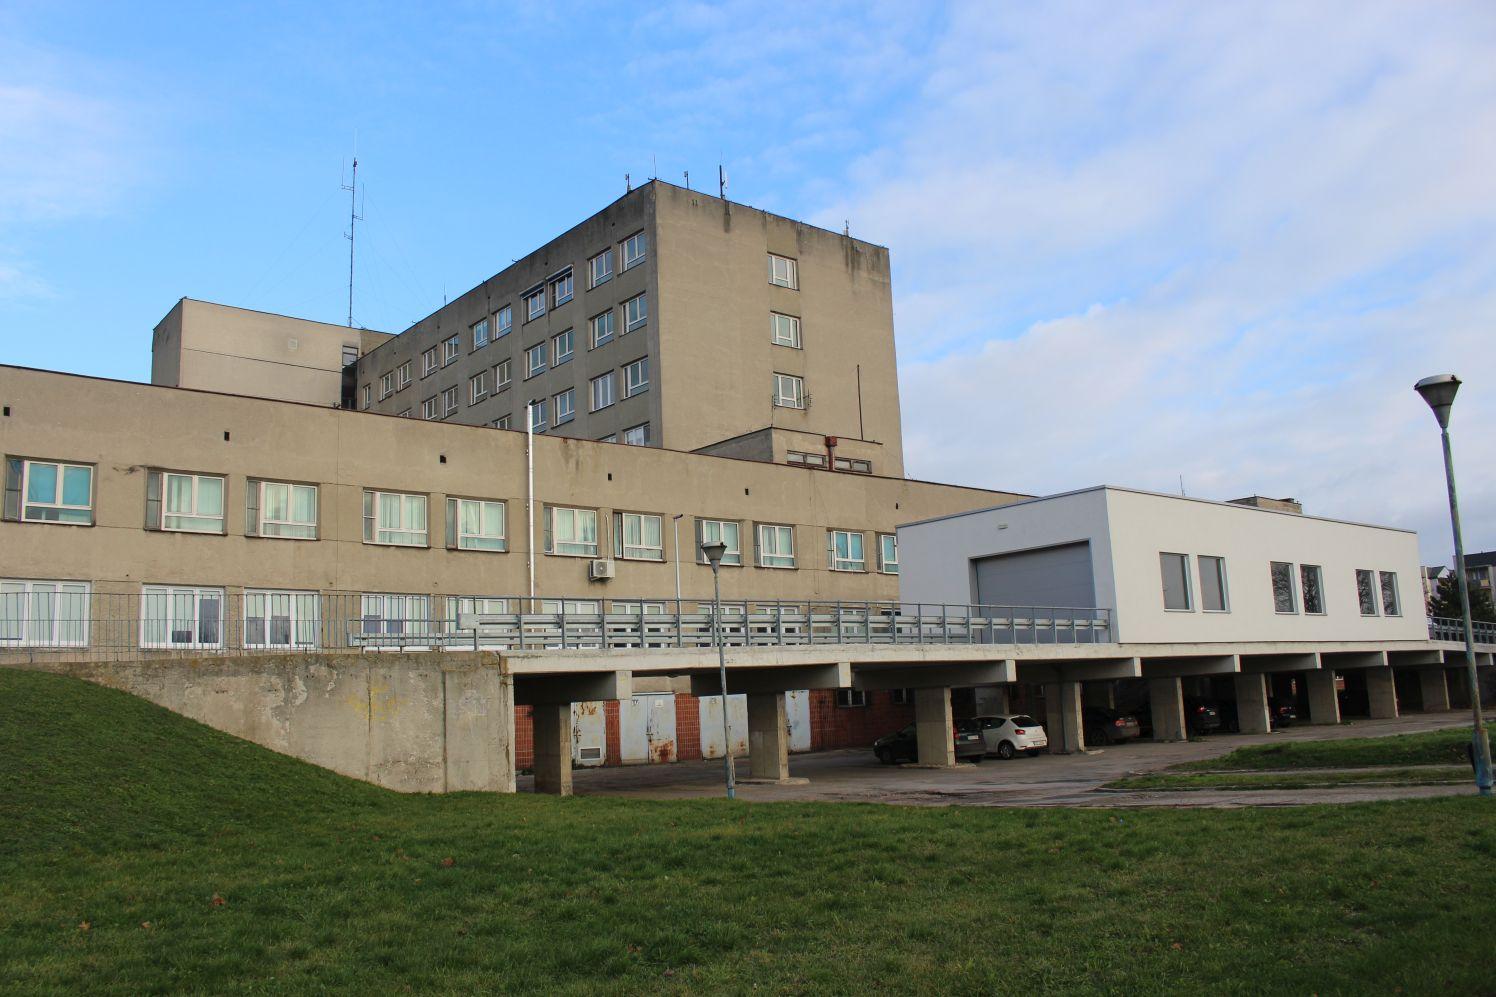 Szpital o incydencie na SOR: jak sytuacja wyglądała z perspektywy lekarzy? - Zdjęcie główne